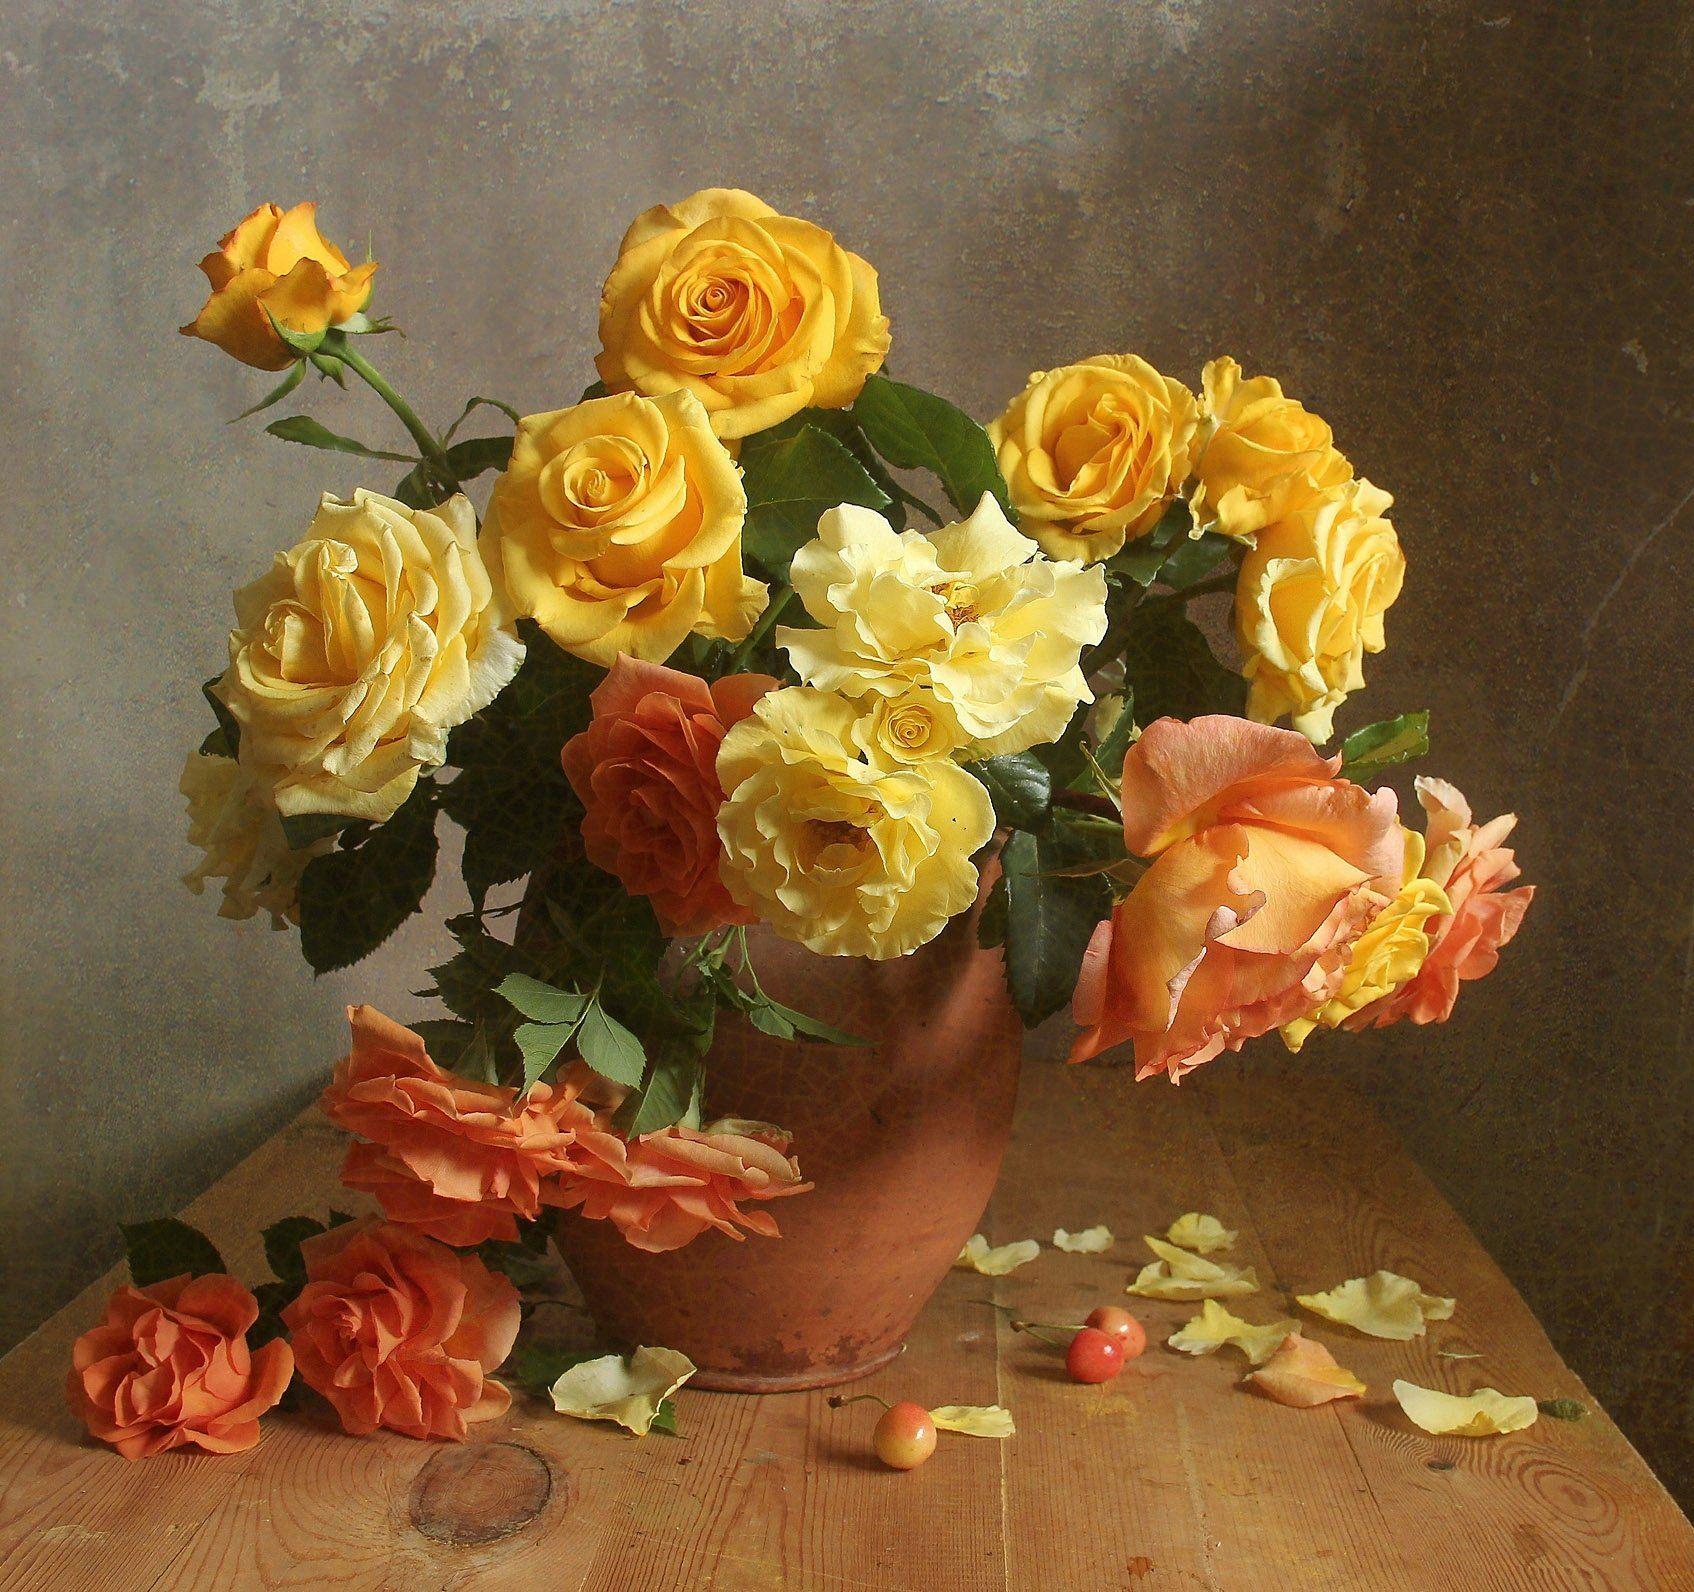 лето,  цветы, натюрморт, марина филатова, розы, букет цветов, Филатова Марина